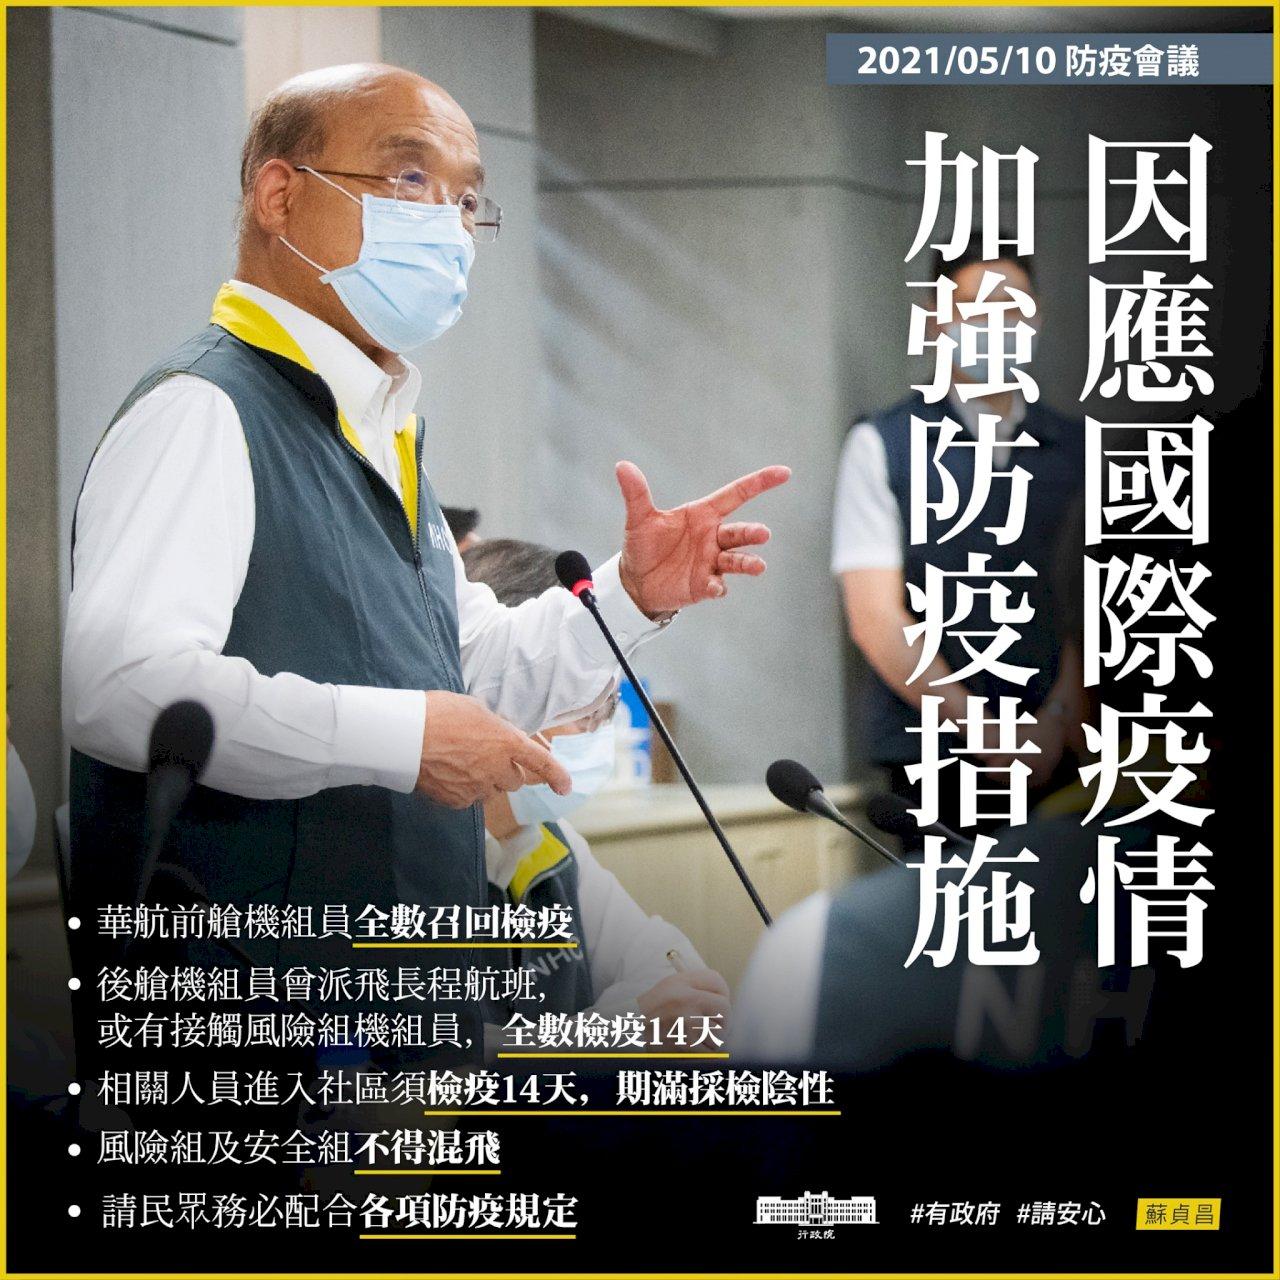 機組員清零計畫2.0 蘇揆指示華航配合 社區安全優先